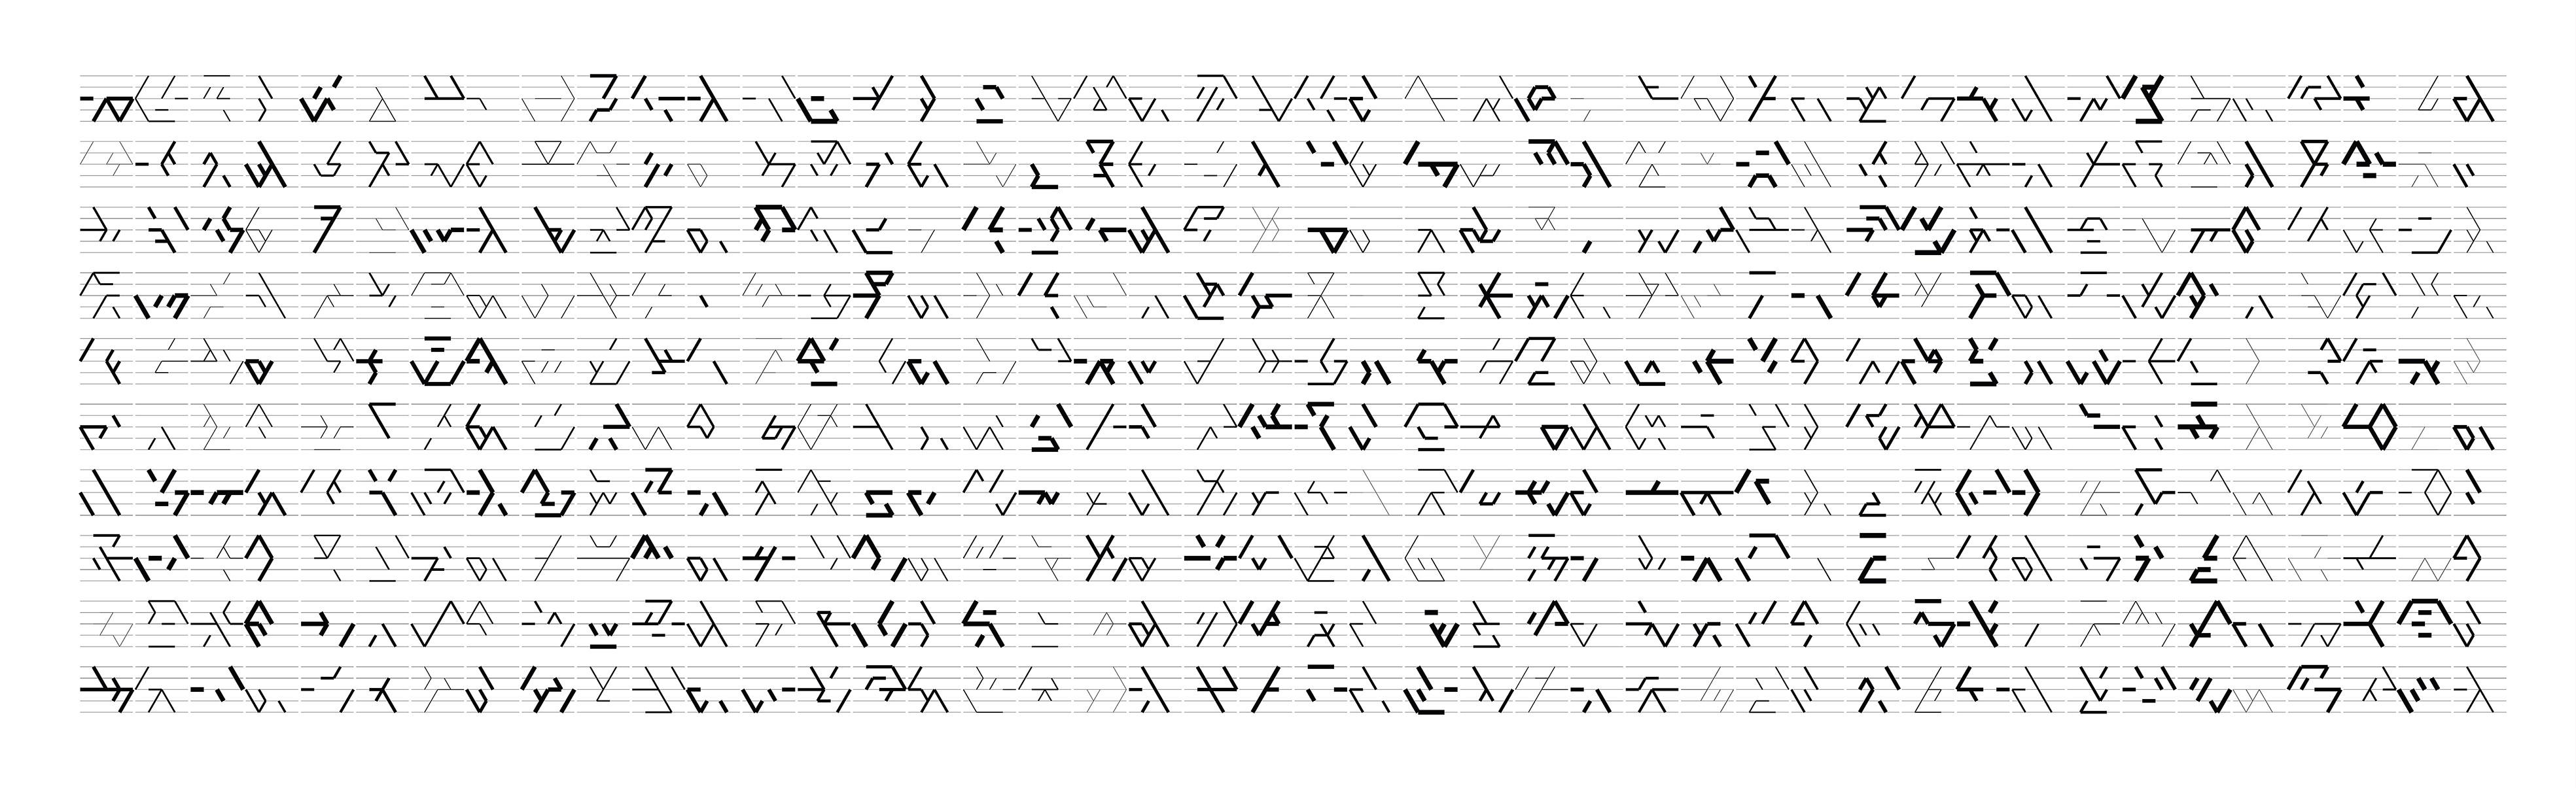 Manfred Mohr, P2400-299, Pigment Tinte auf Papier, 91,5 x 276 cm, 2018